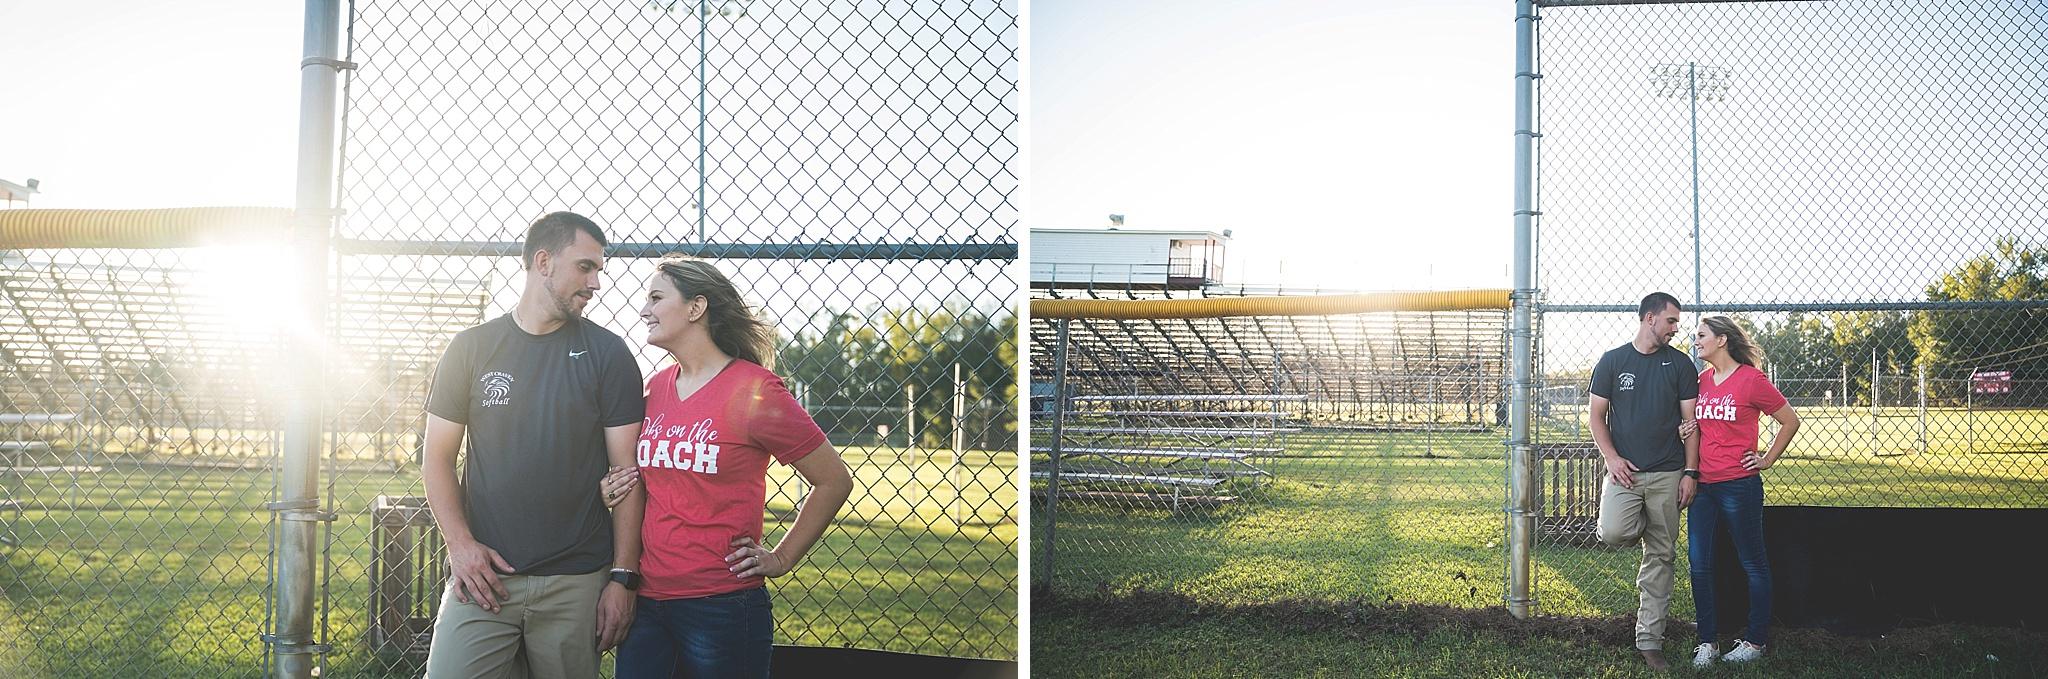 Vanceboro-NC-Photographer-094.jpg